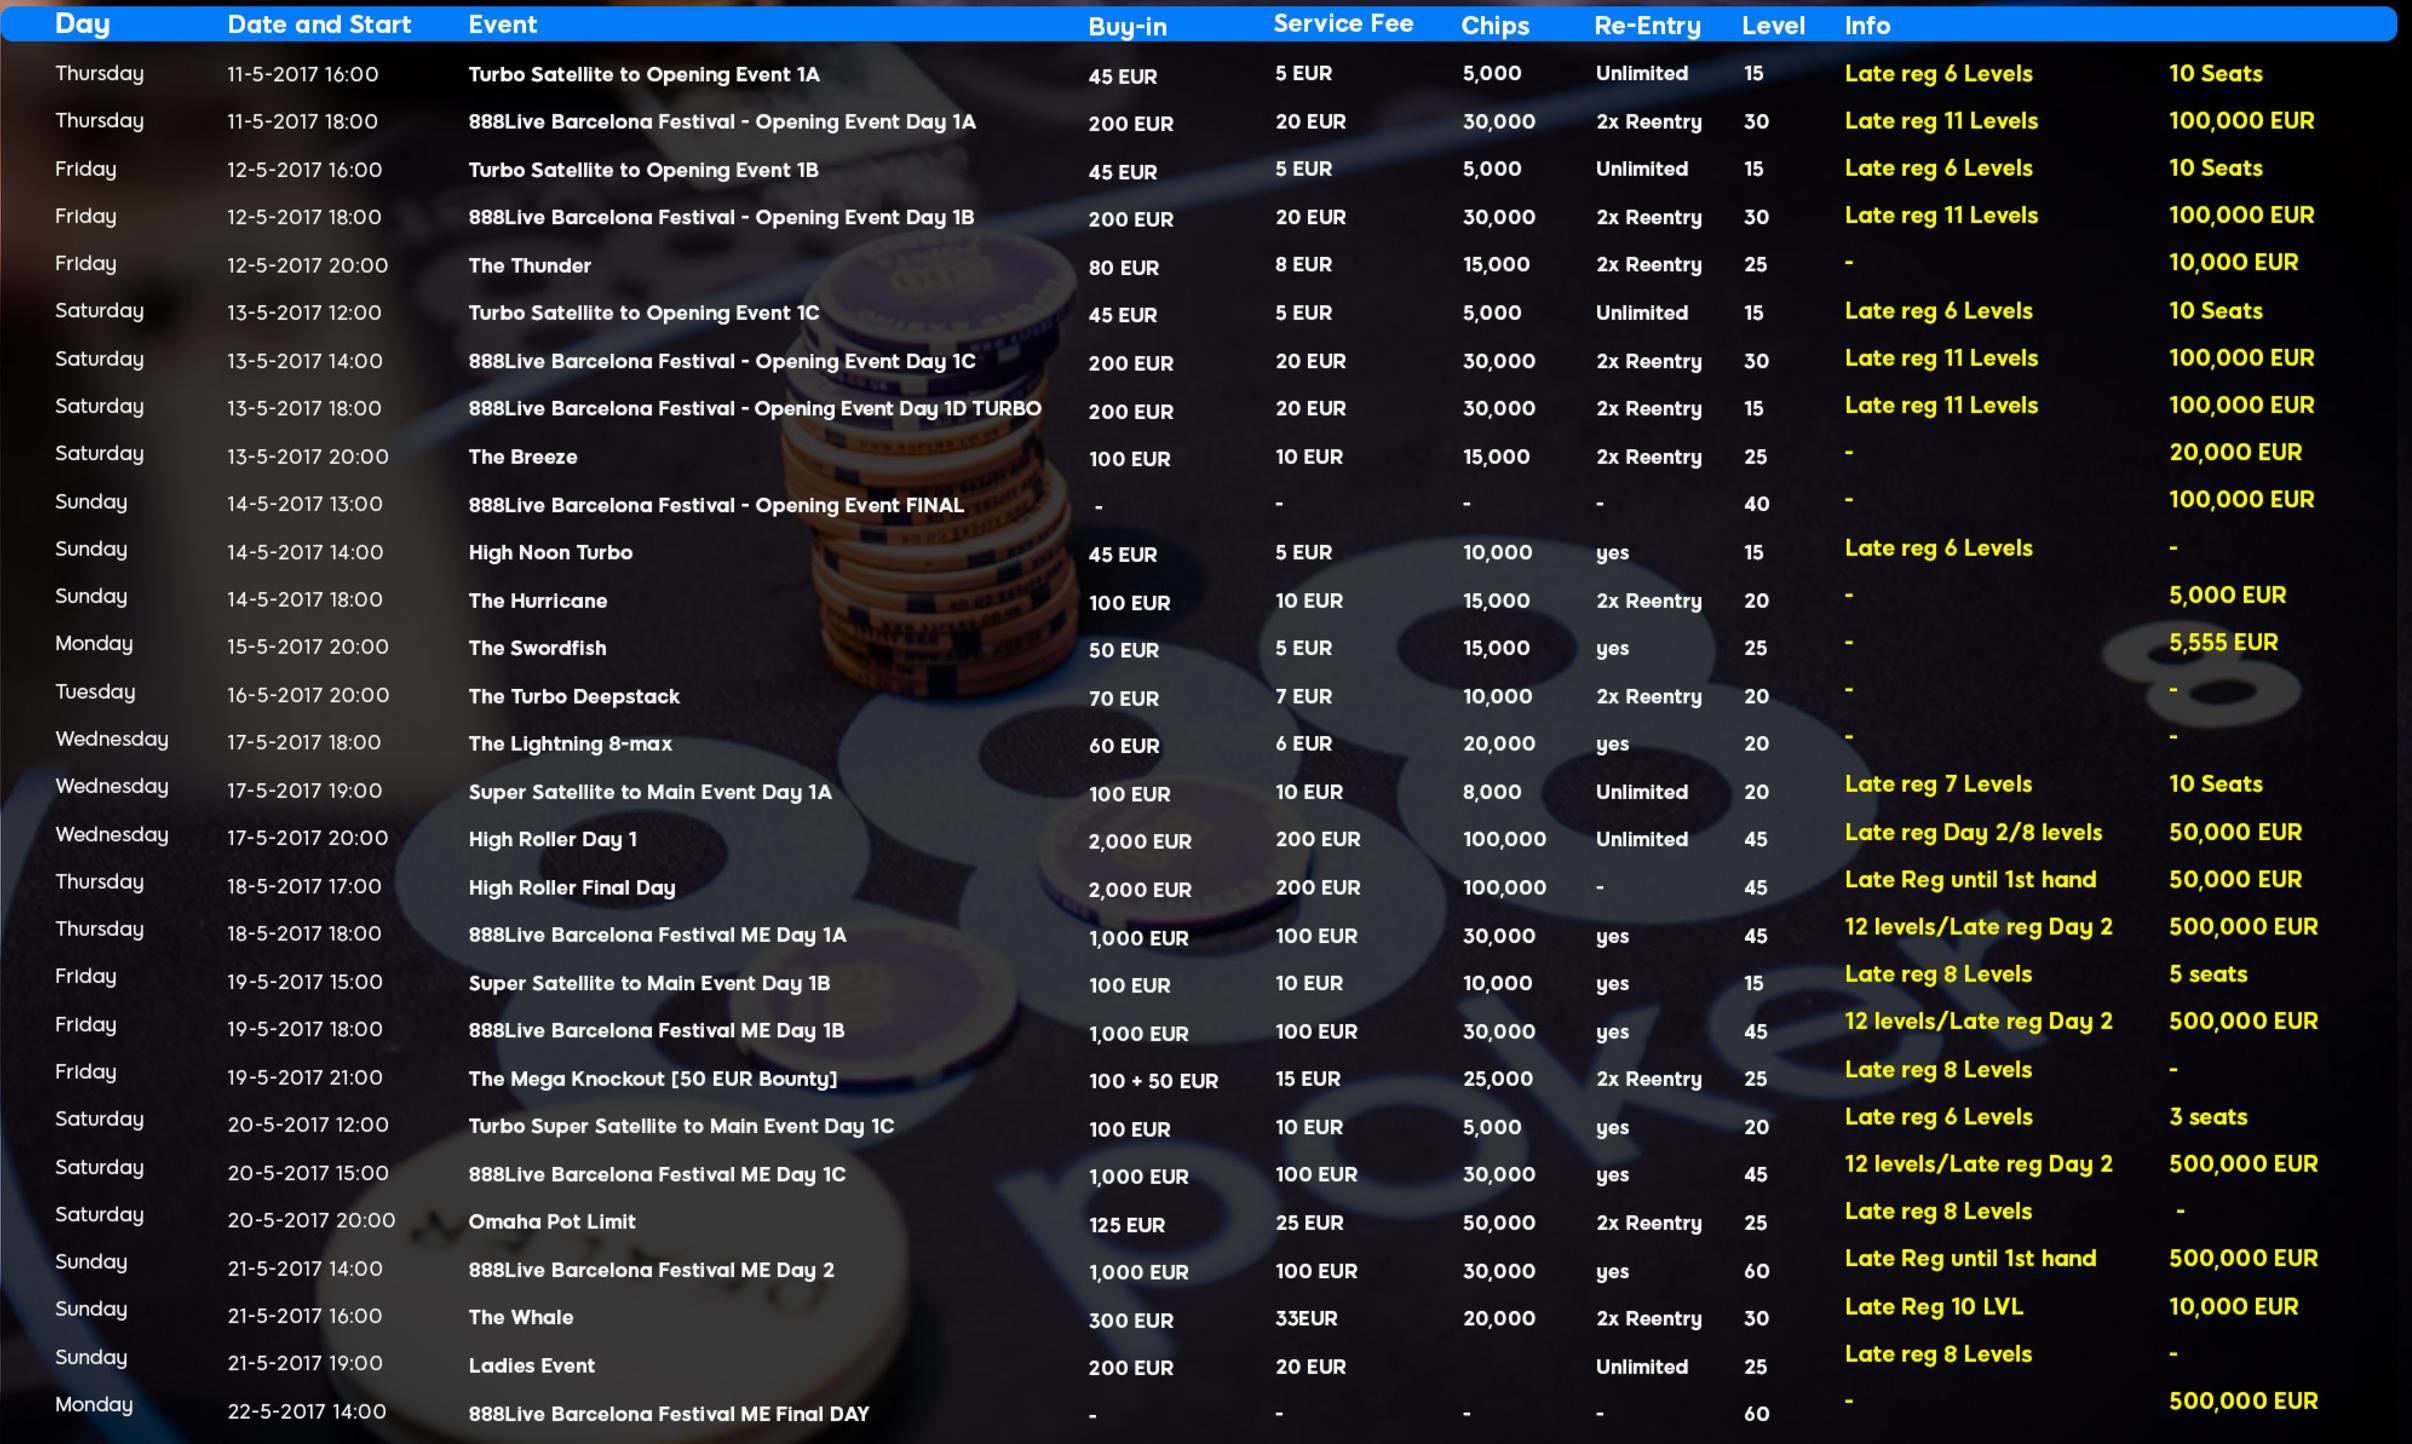 888Live Barcelona Schedule